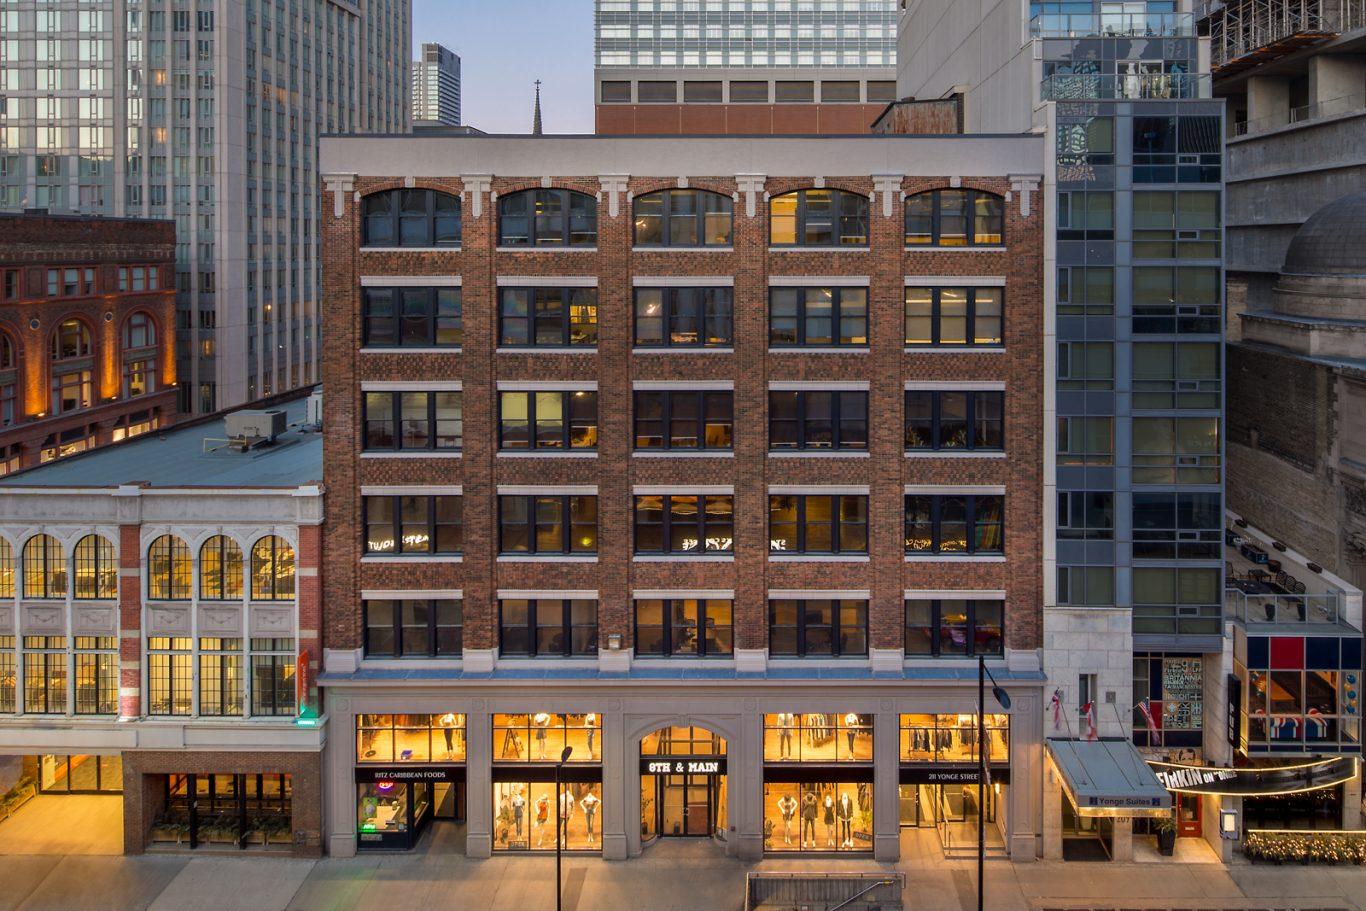 Exterior of midrise brick building